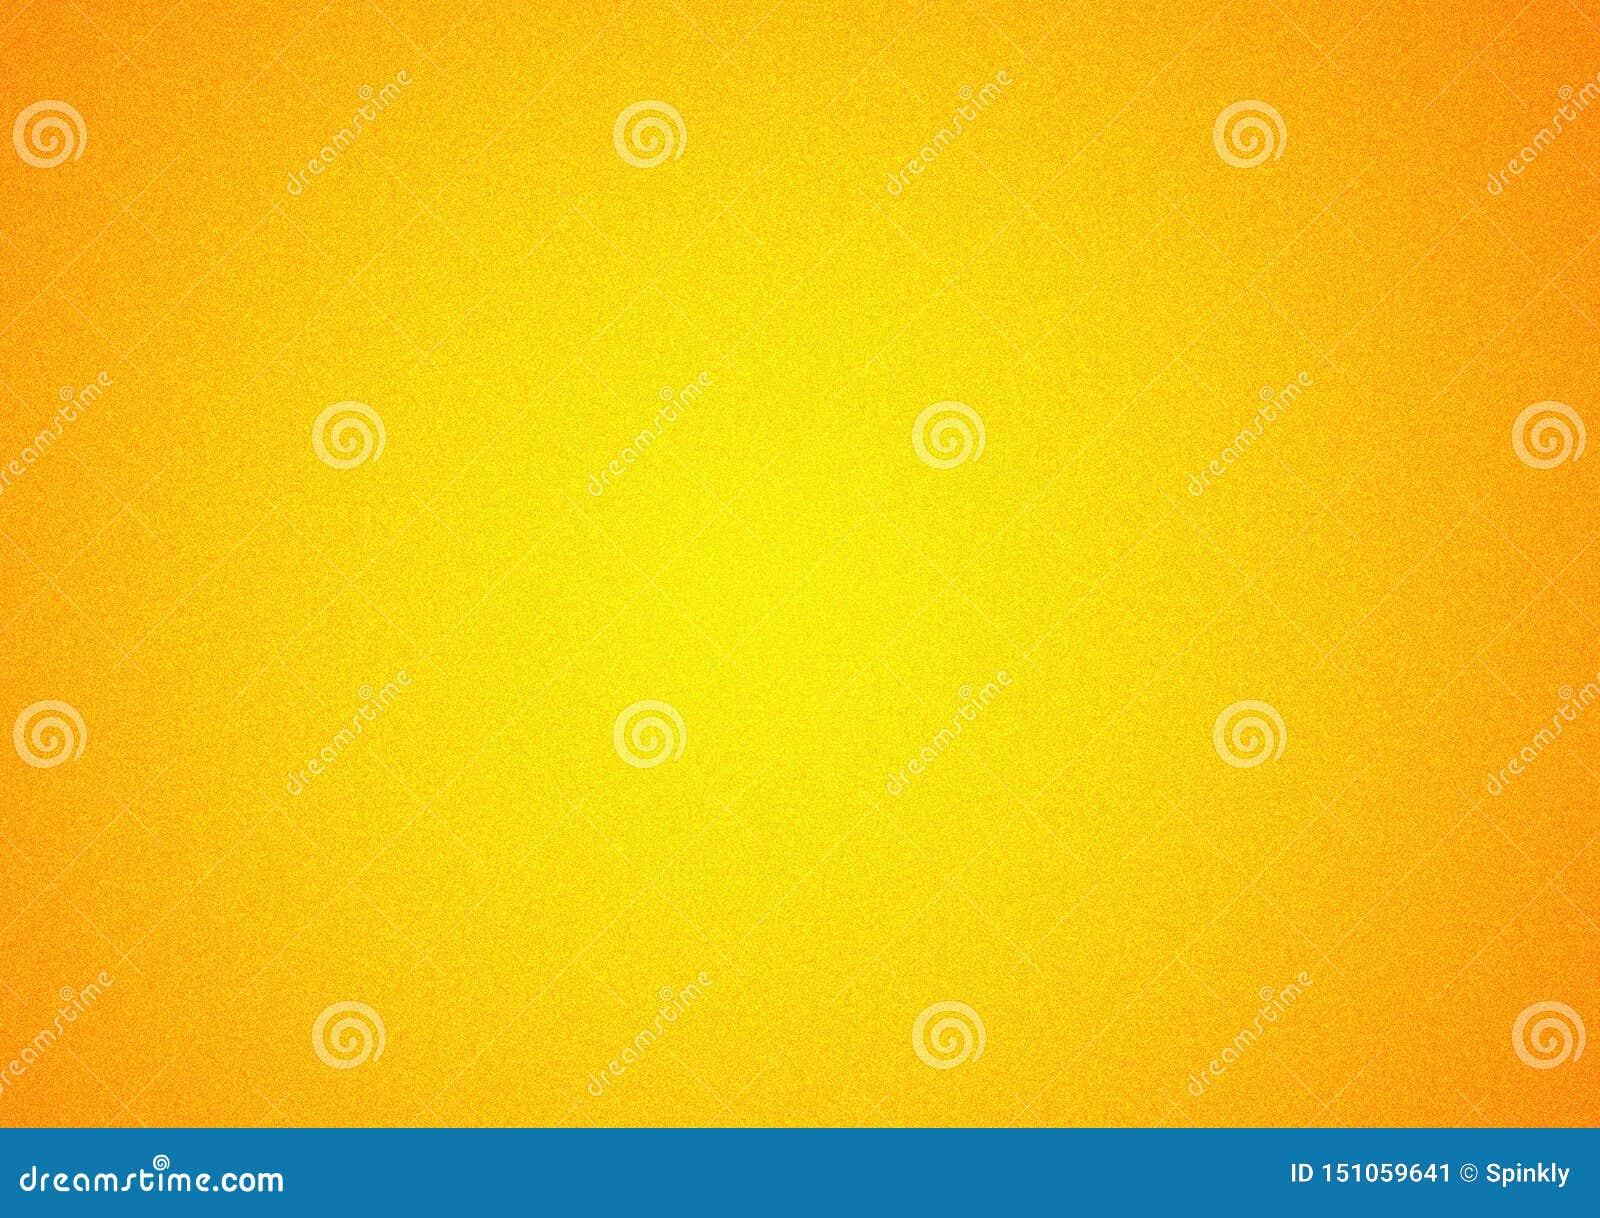 Oranjegeel duidelijk vignet achtergrondgradiëntbehang